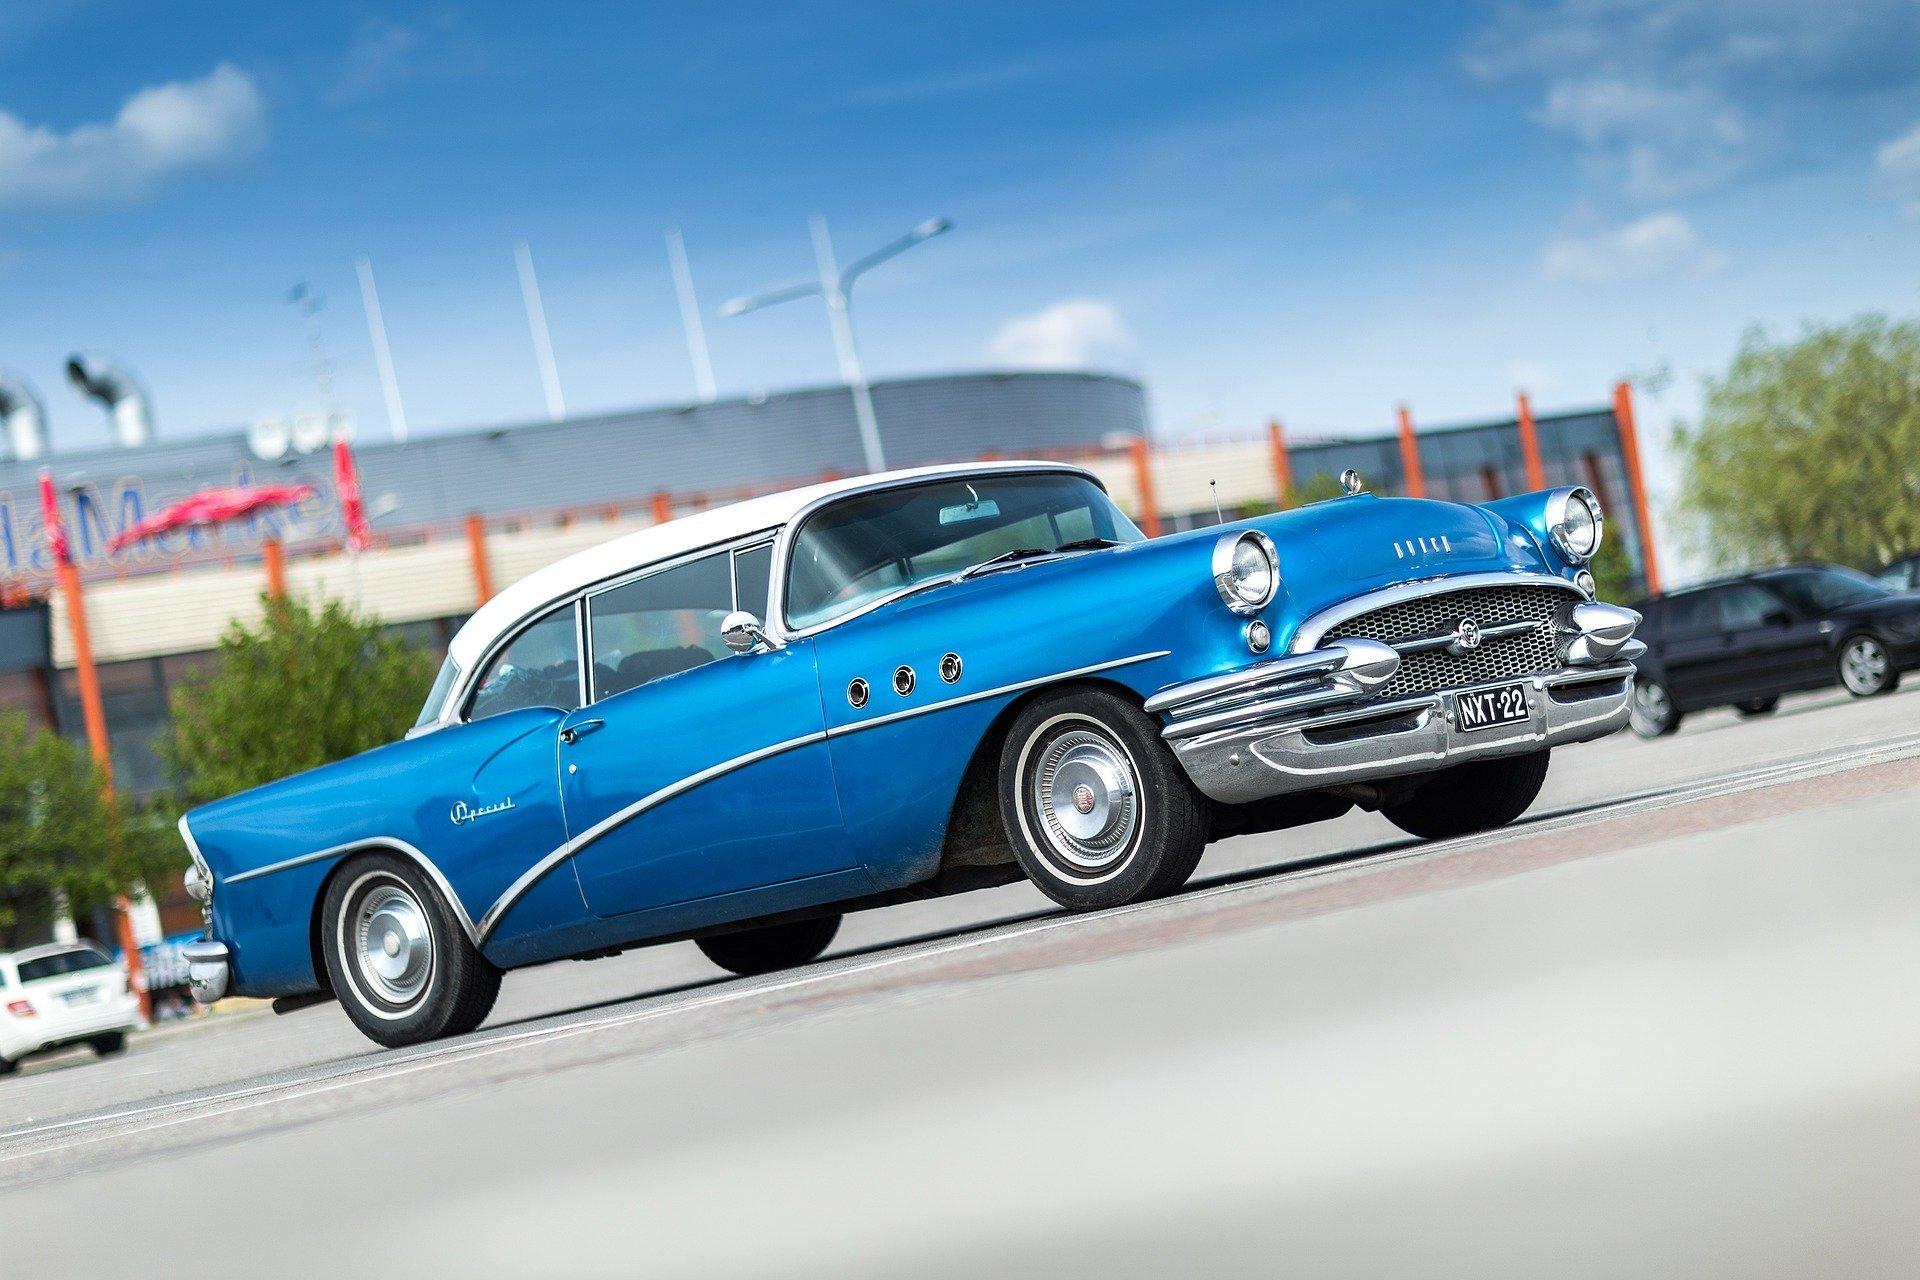 A blue Buick. | Source: smarko/Pixabay